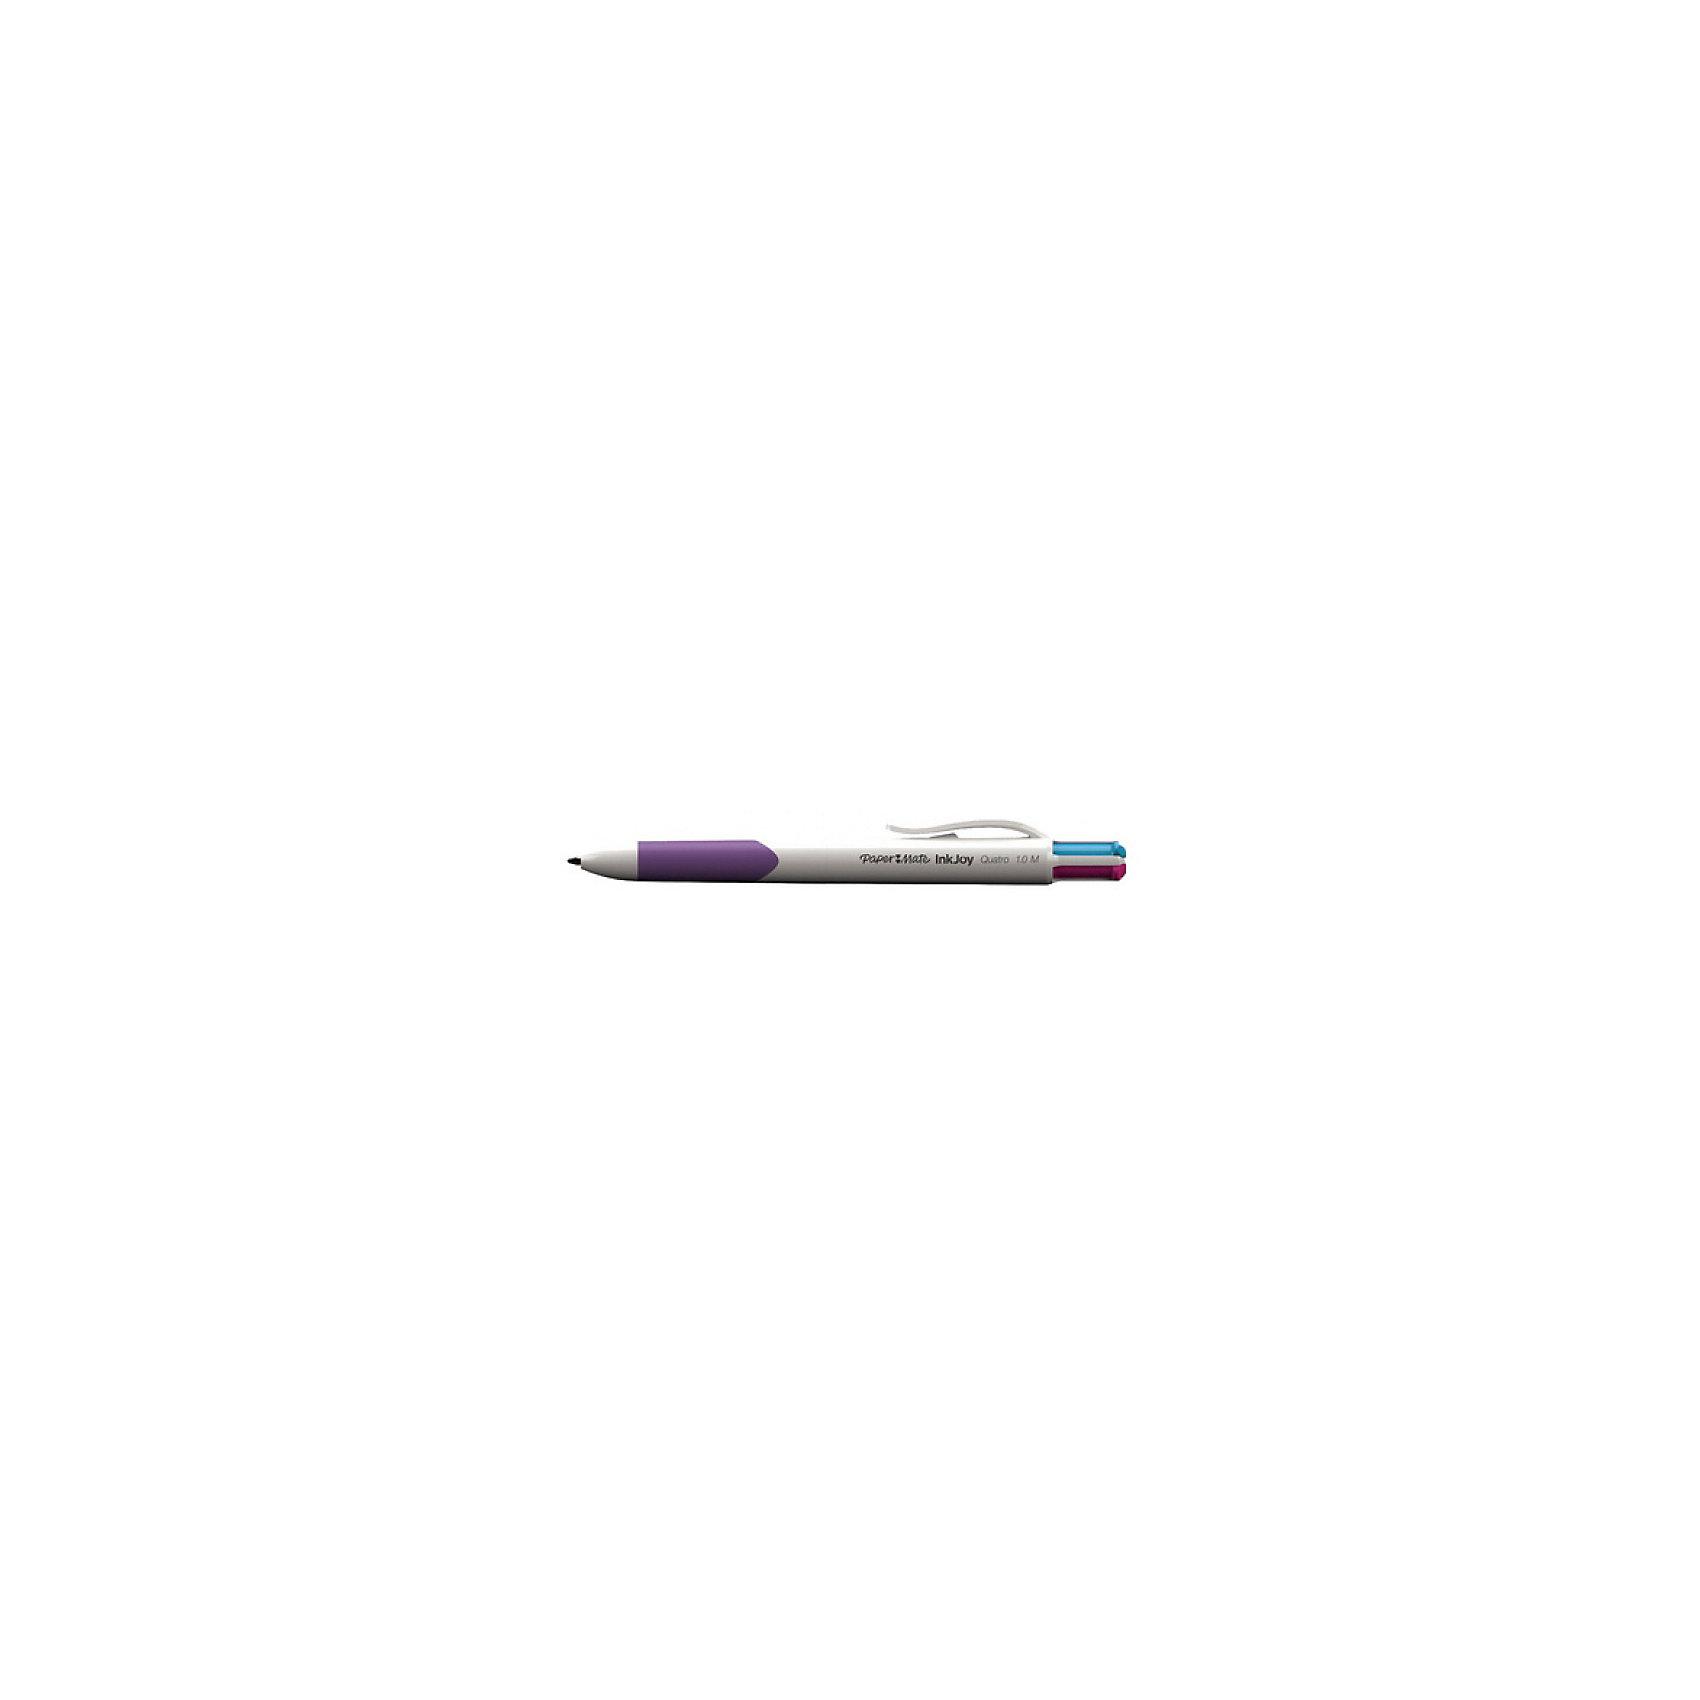 Ручка шариковая Paper mate Quatro, 4 цвета в одной ручкеПисьменные принадлежности<br>Ручка шариковая.<br>Карманный зажим.<br>4 цвета в одной ручке: голубой, зеленый, розовый, фиолетовый.<br><br>Ширина мм: 140<br>Глубина мм: 20<br>Высота мм: 20<br>Вес г: 21<br>Возраст от месяцев: 36<br>Возраст до месяцев: 2147483647<br>Пол: Унисекс<br>Возраст: Детский<br>SKU: 6884869